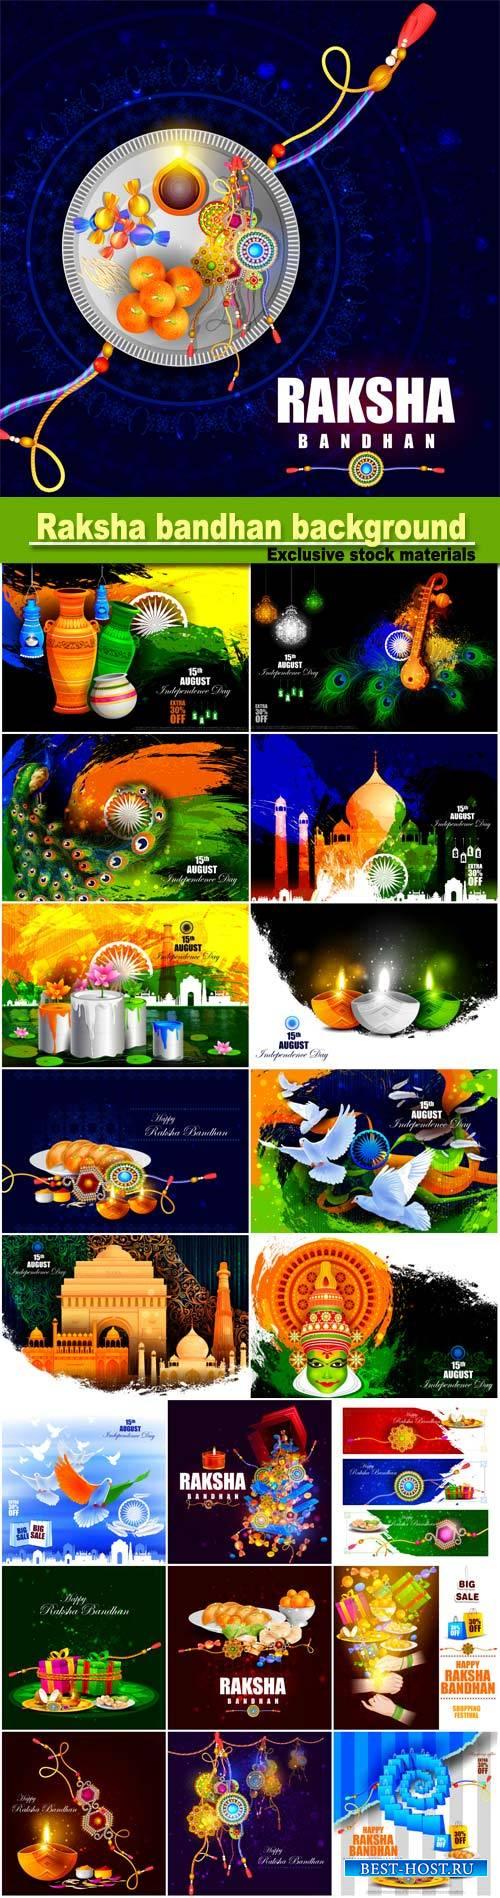 Vector illustration of Raksha bandhan background for Indian festival celebr ...